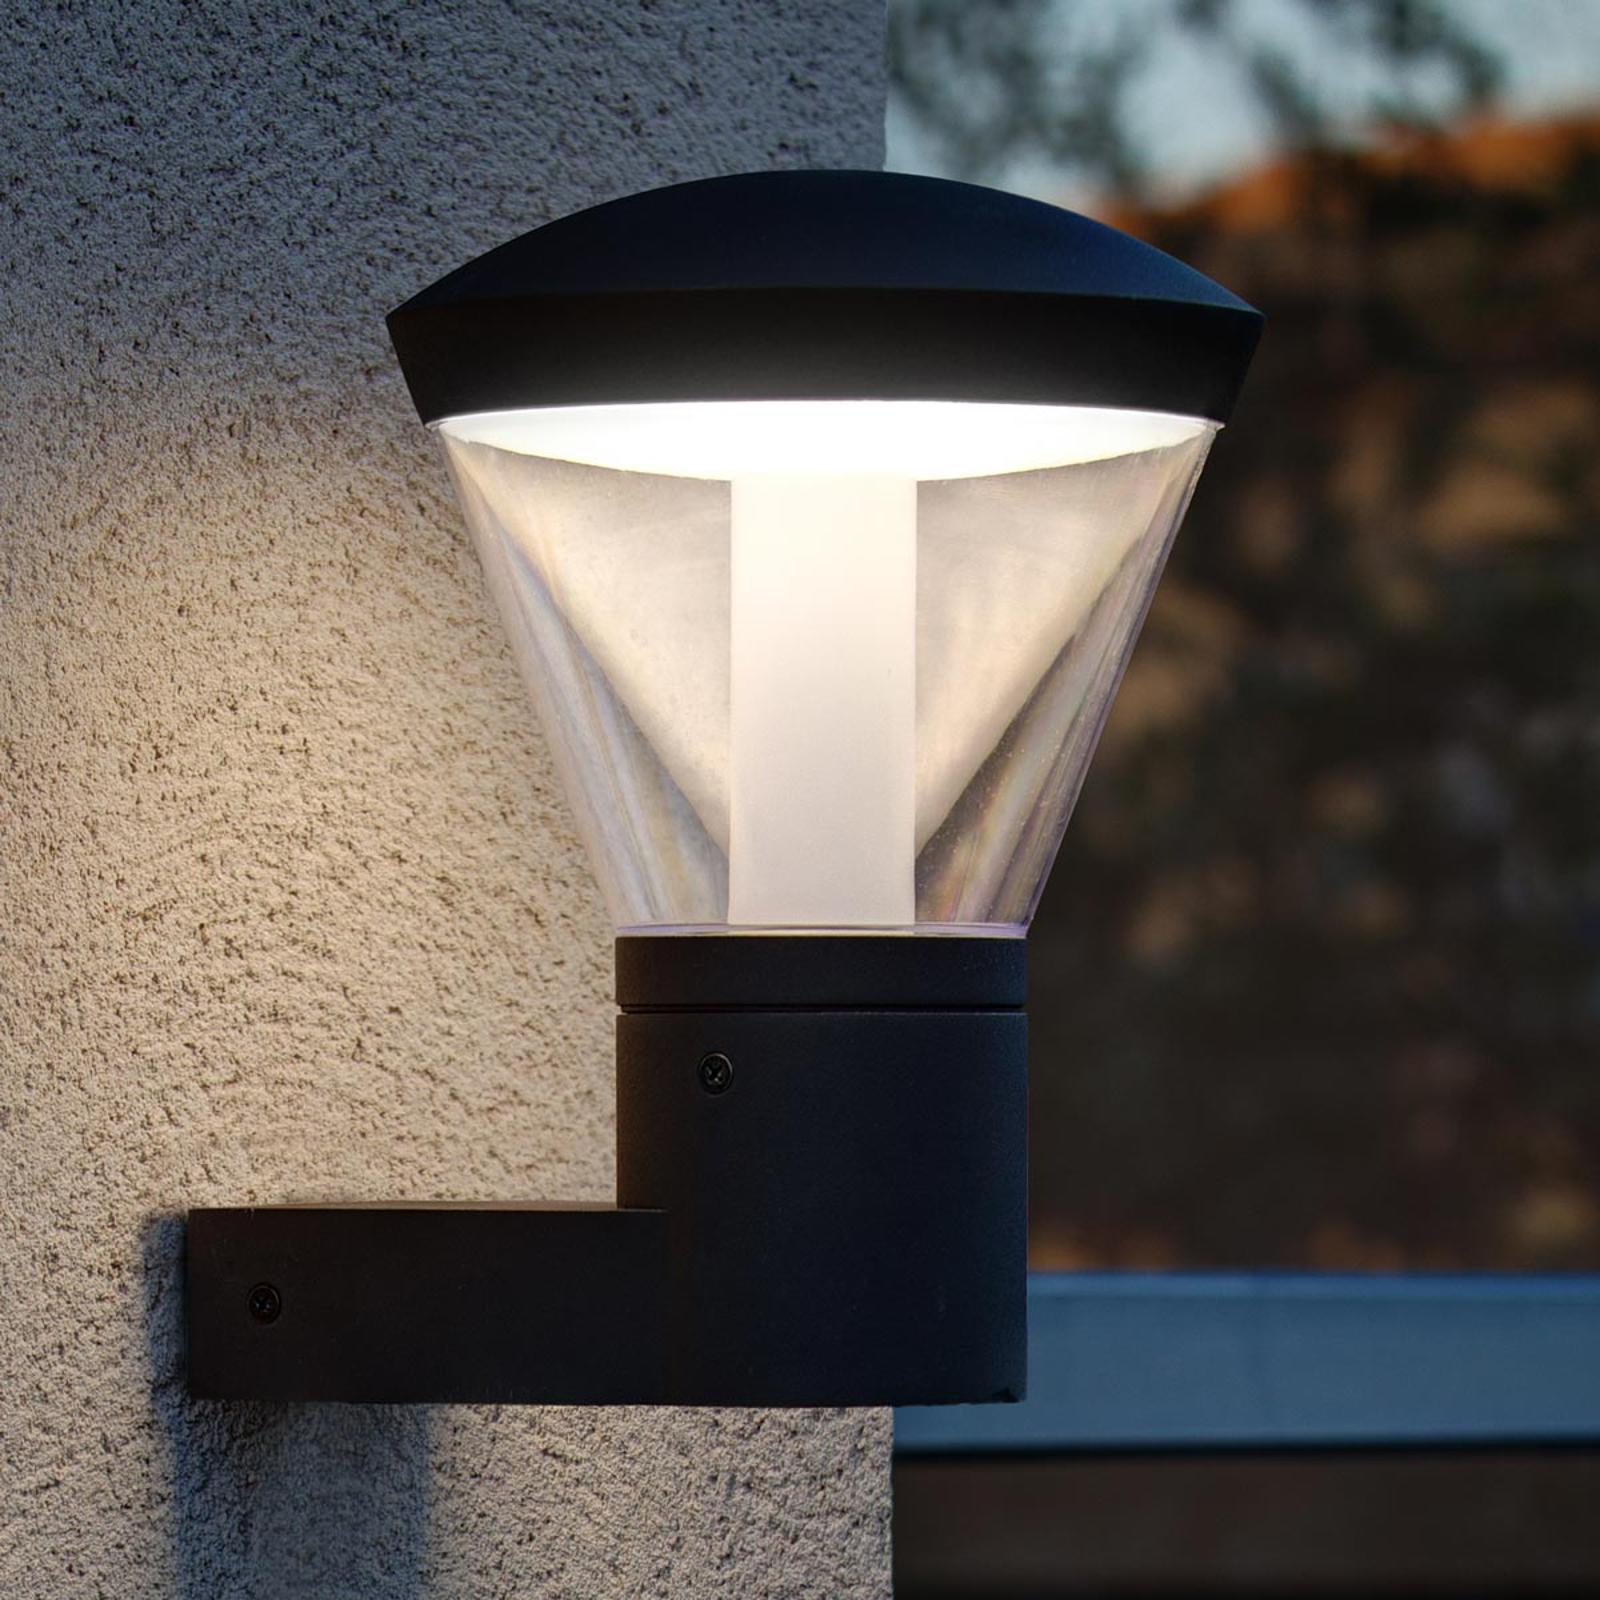 Stemningsfull LED-vegglampe Shelby for utebruk